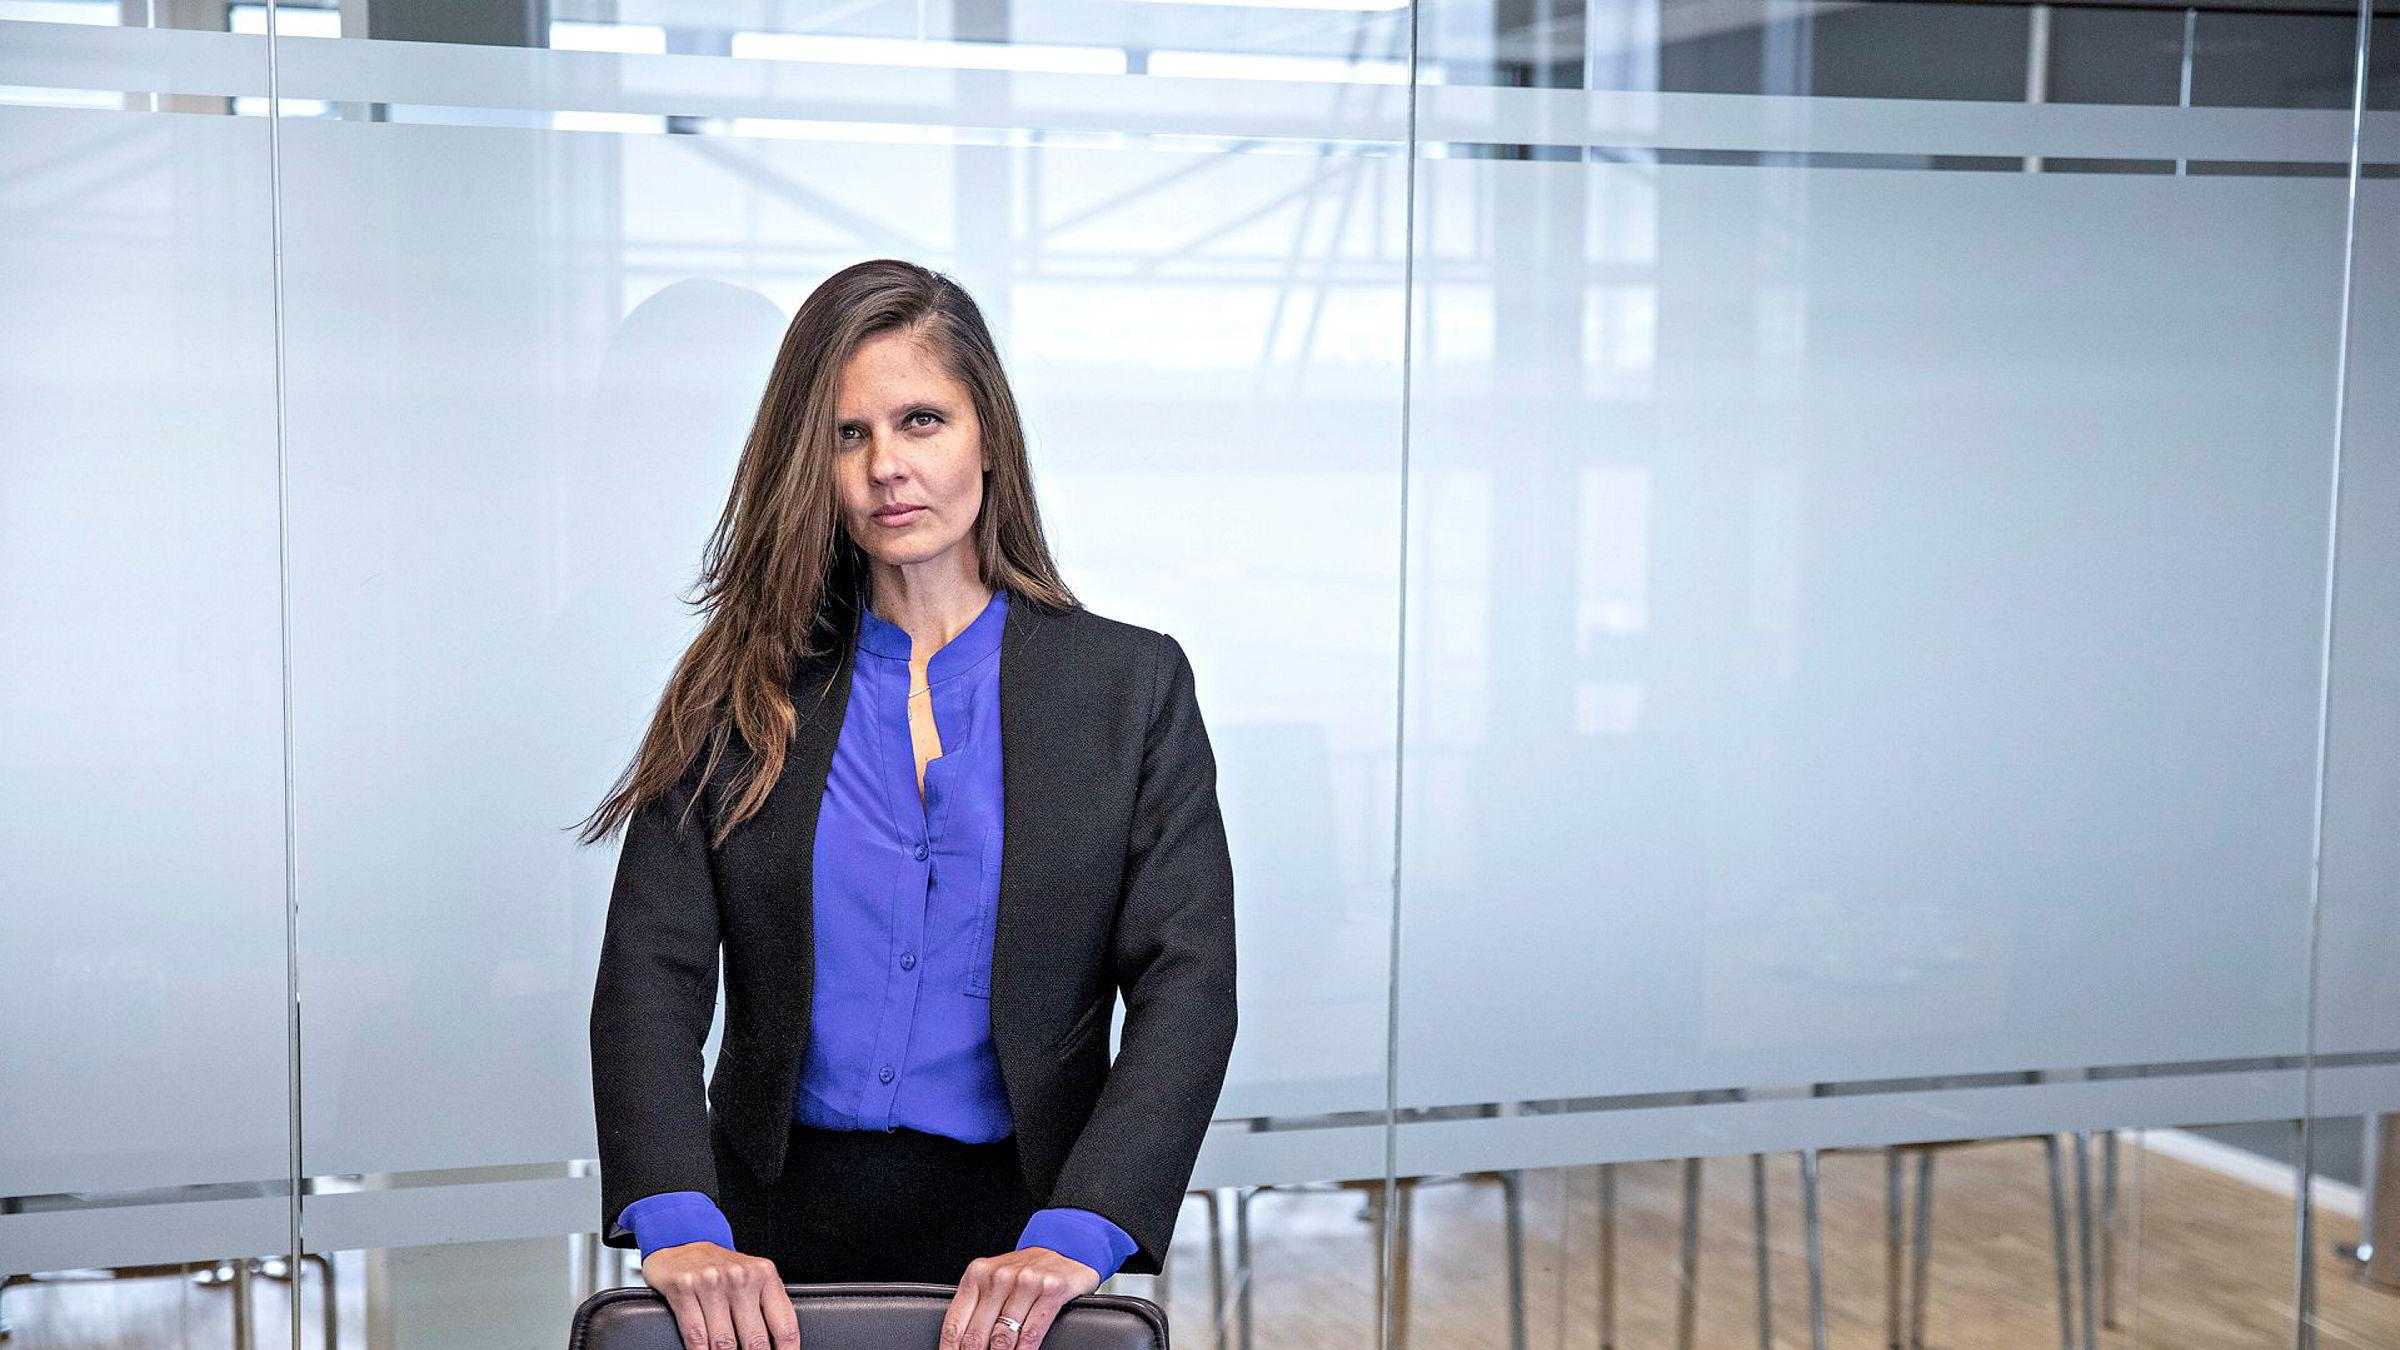 Oljeanalytiker Nadia Martin Wiggen i Pareto Securities tror at Iran kommer til å gå til motangrep etter drapet på Qasem Soleimani.